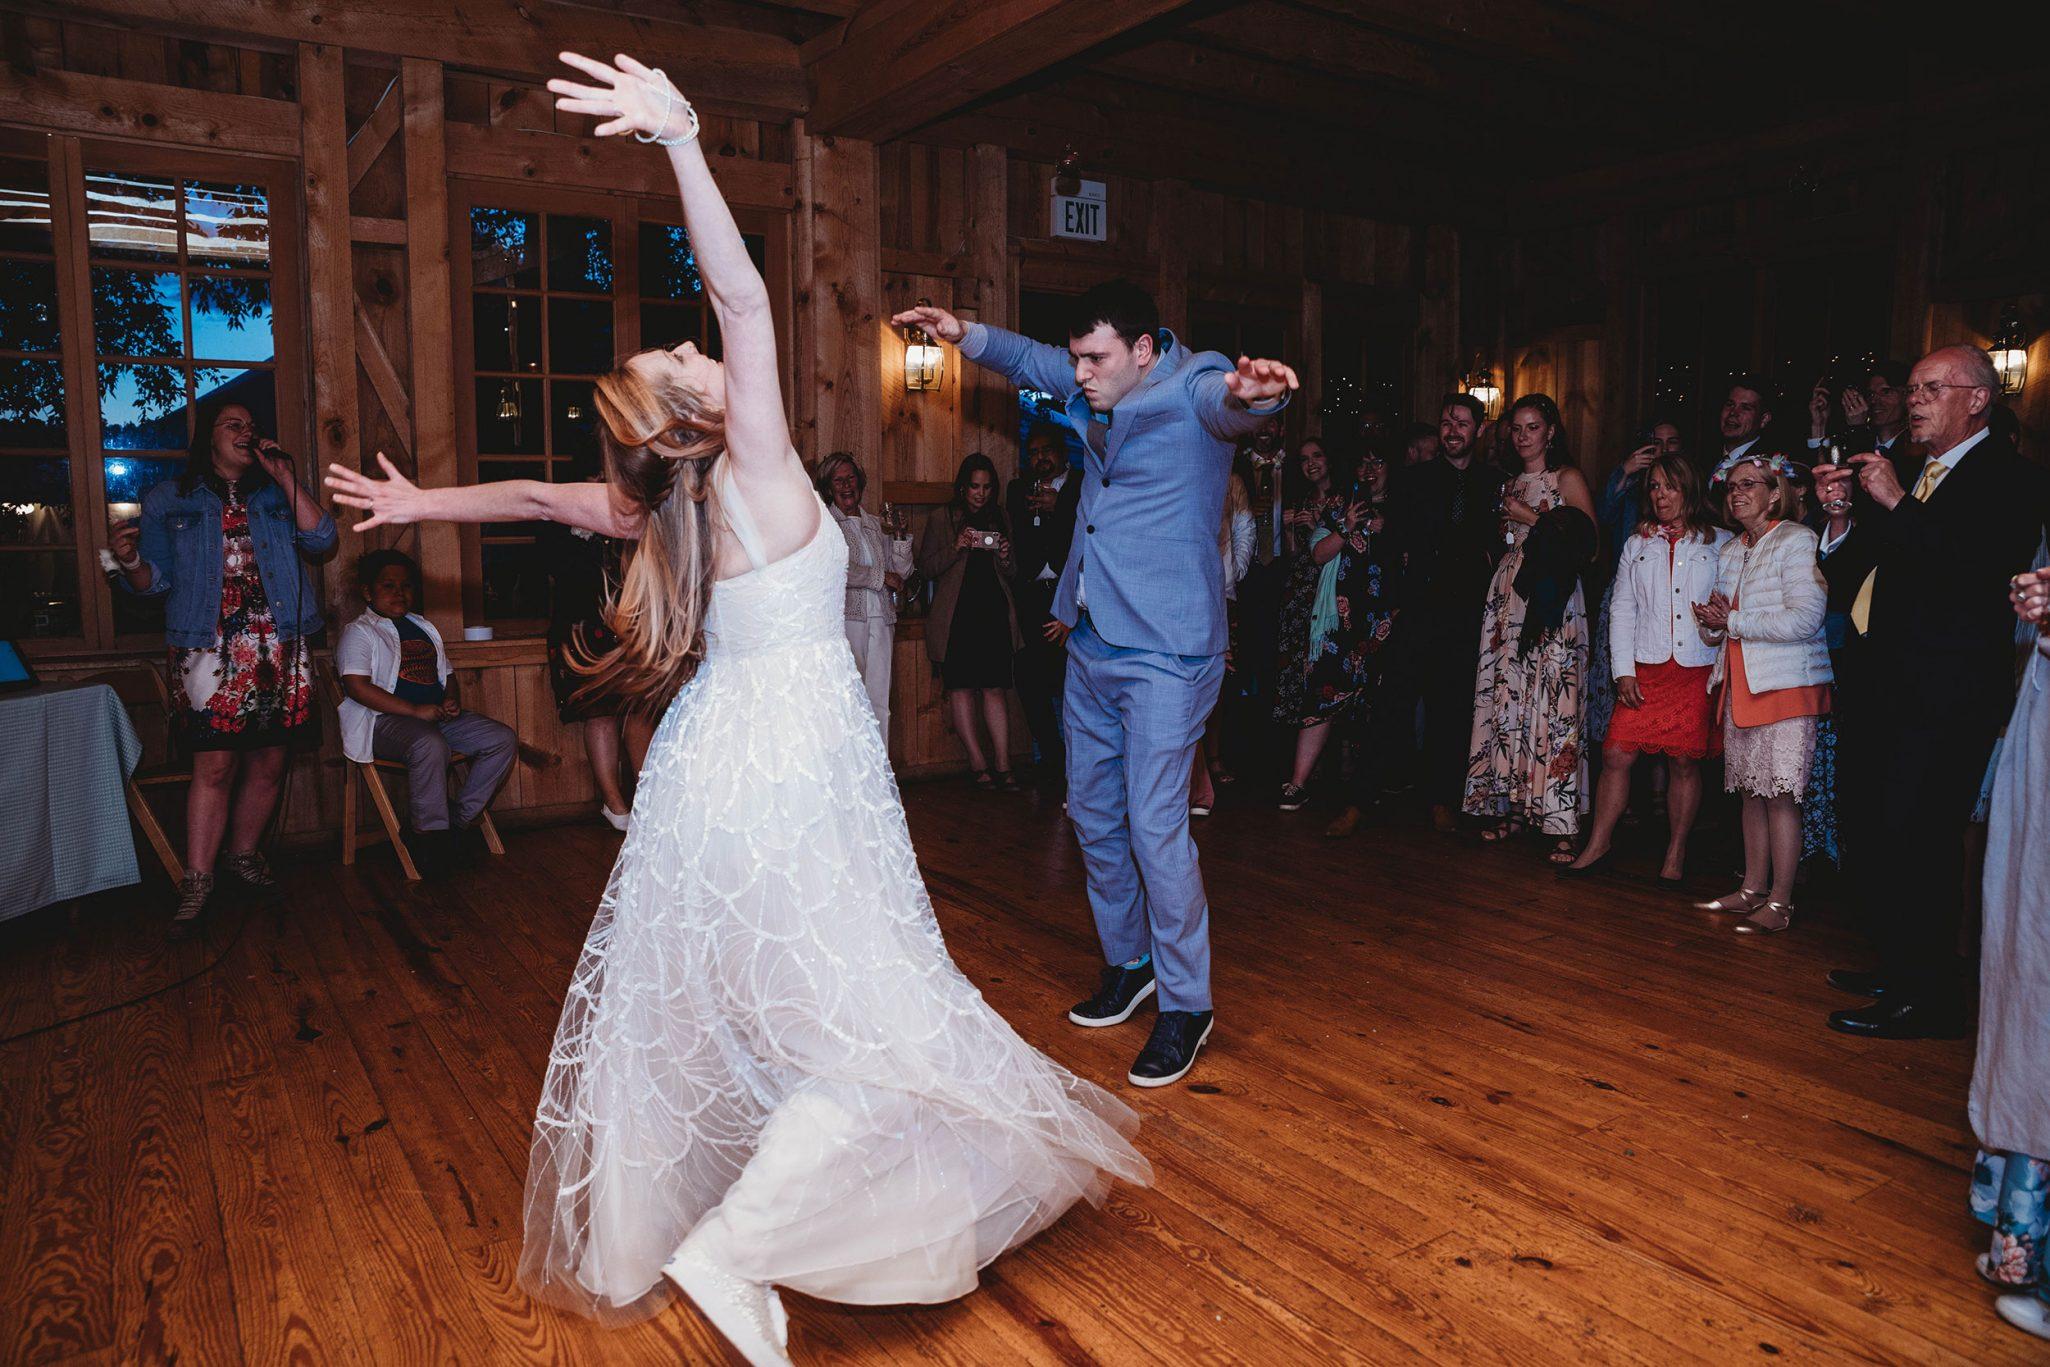 Wedding reception fun